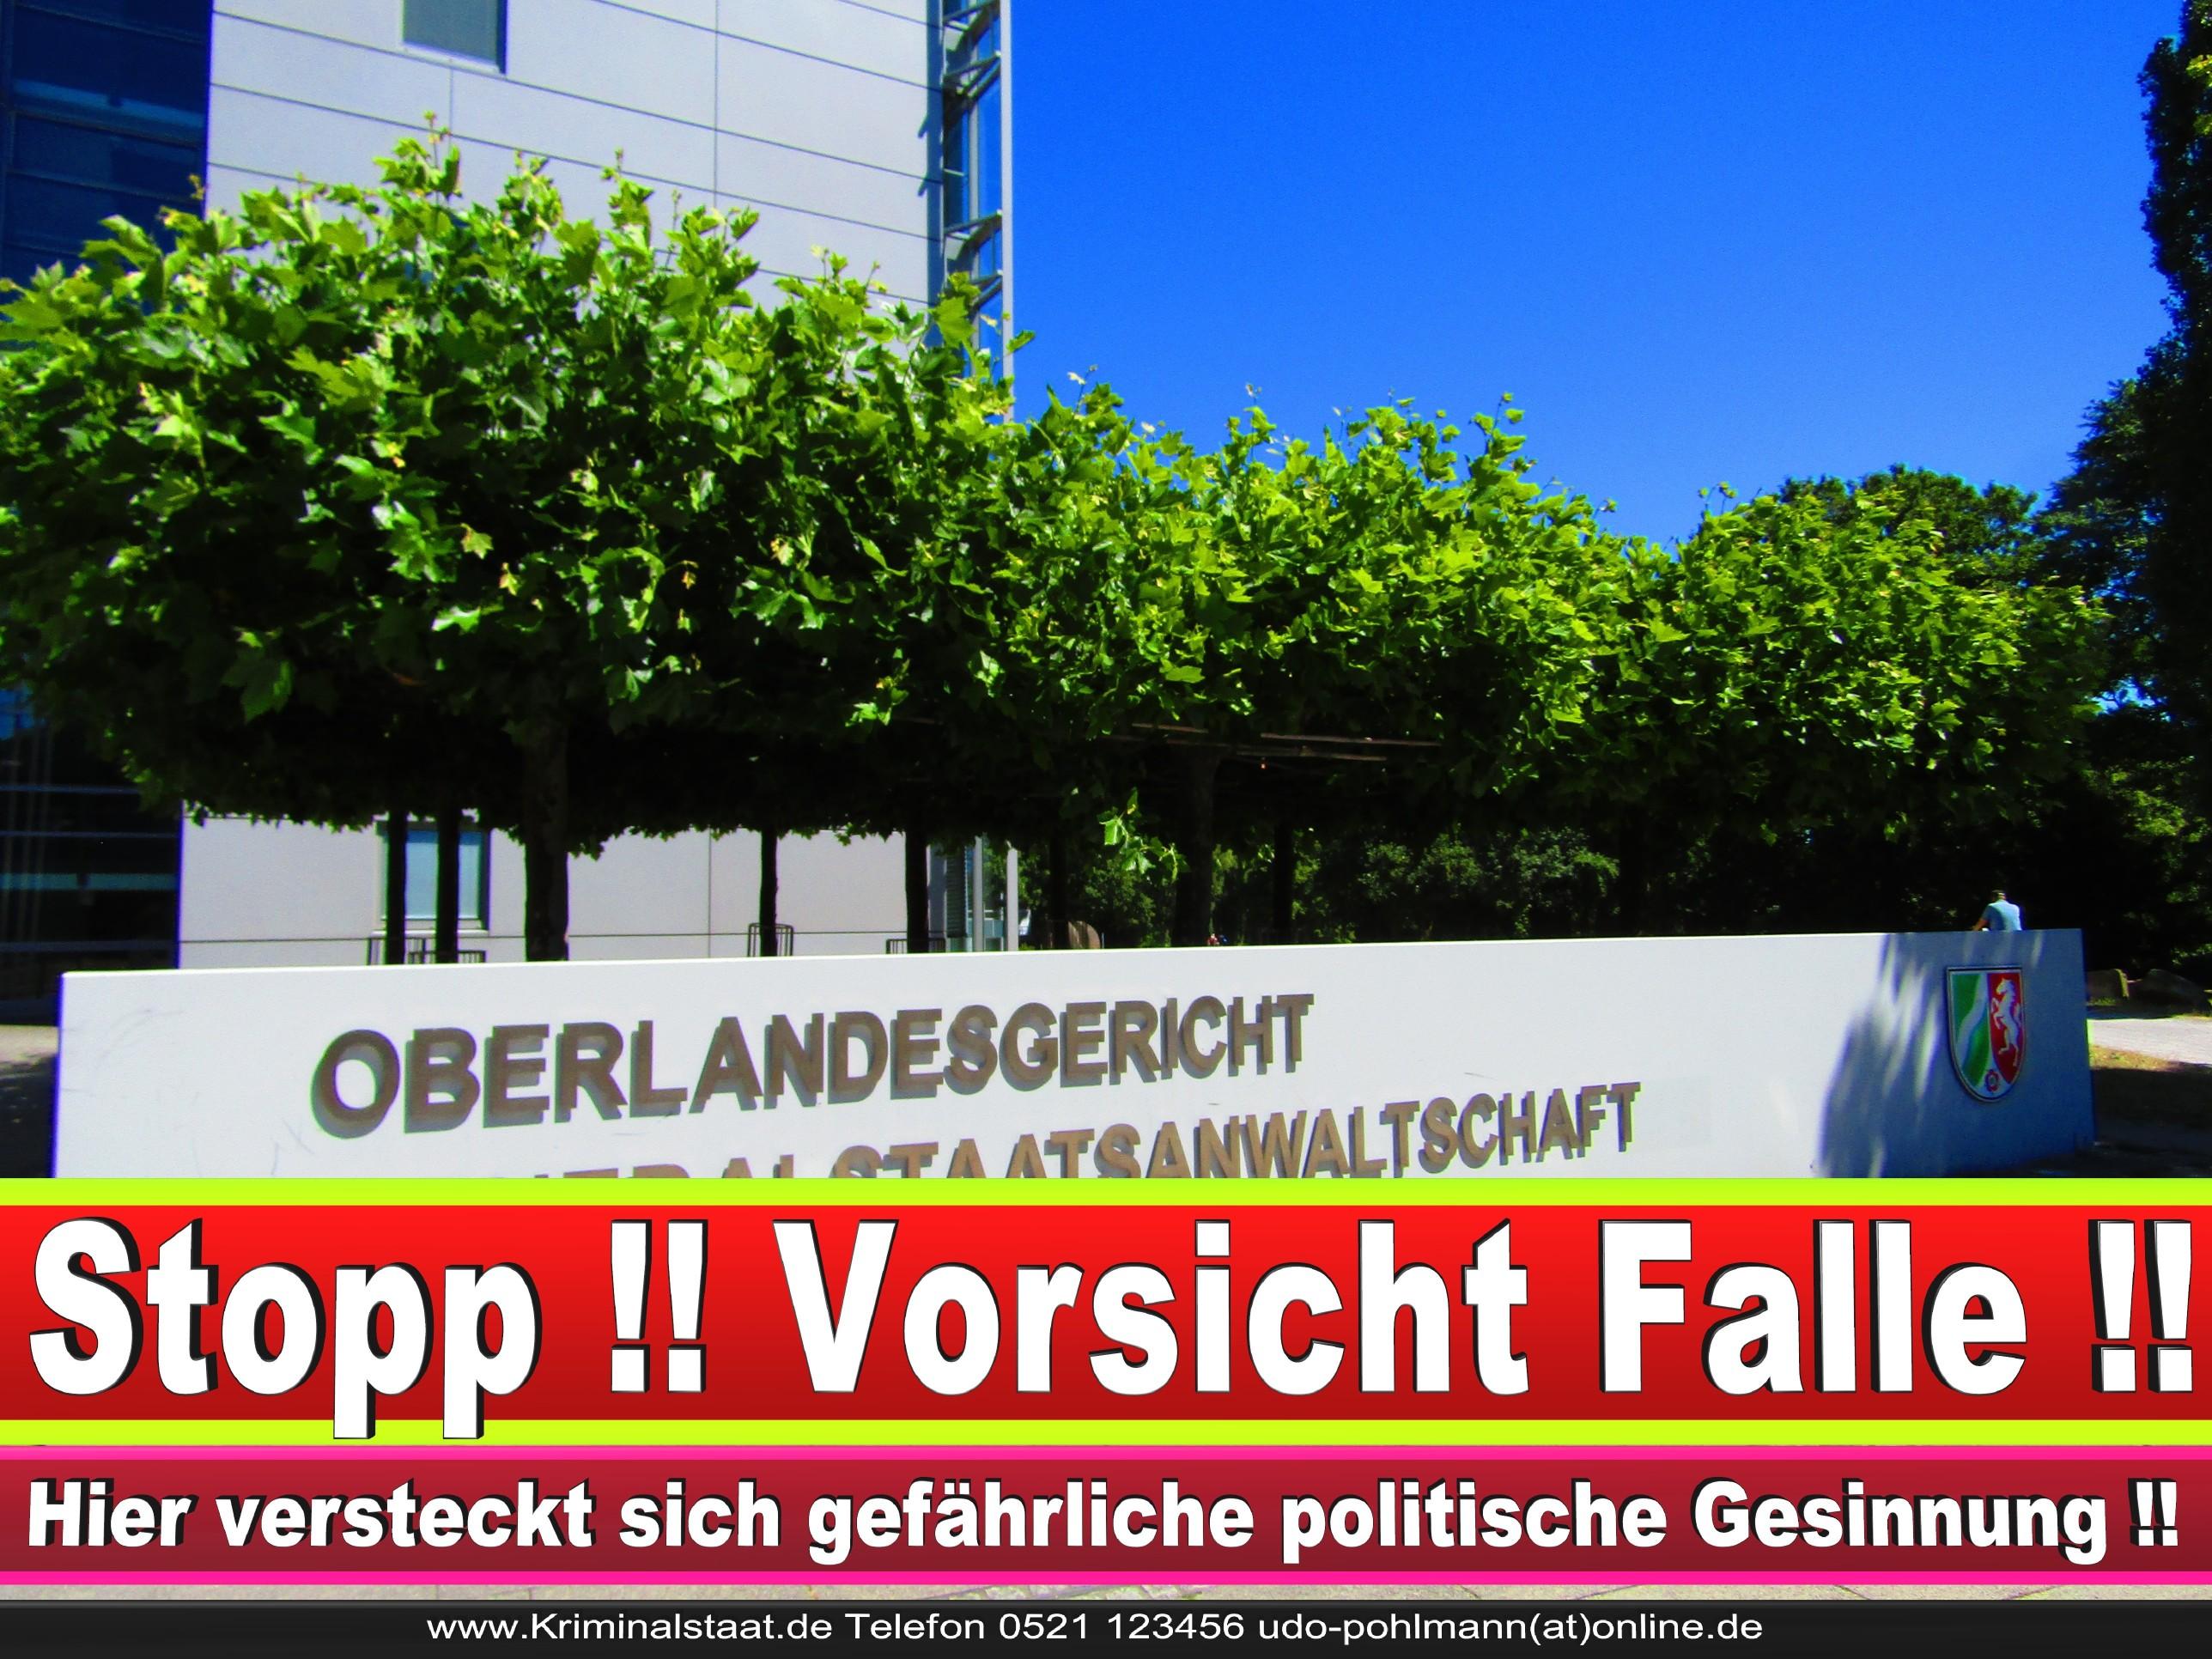 OLG Hamm Oberlandesgericht Hamm Landgericht Polizei Staatsanwaltschaft Generalstaatsanwaltschaft StA GeStA Praktikum Korruption Rechtsbeugung Richter Justiz Justizministerium (45)